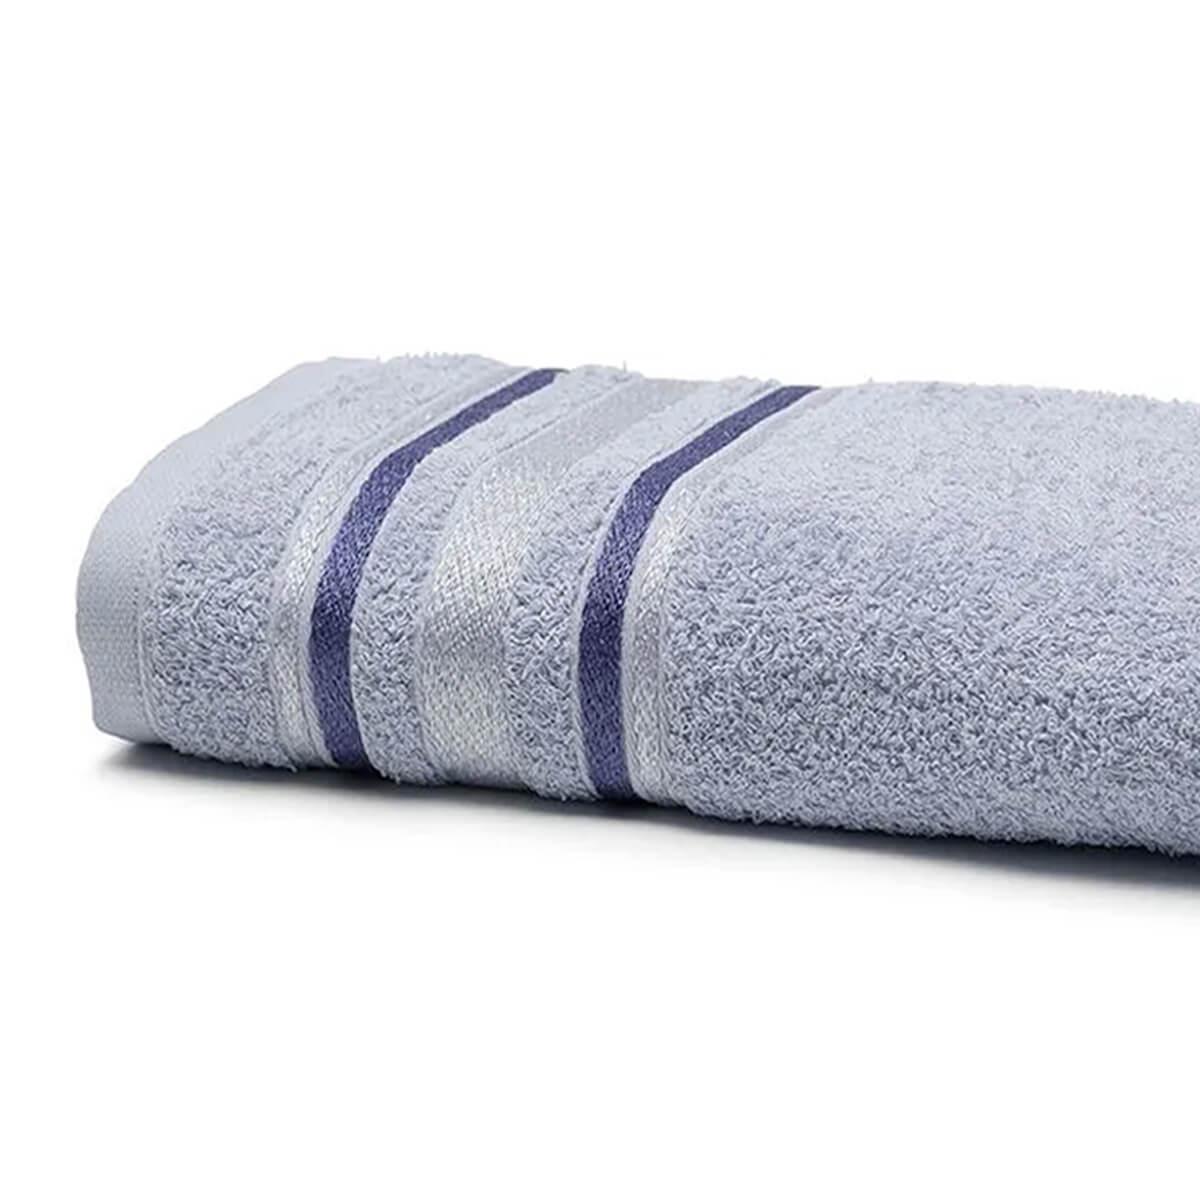 Toalha de Banho Prata Serena Azul Claro